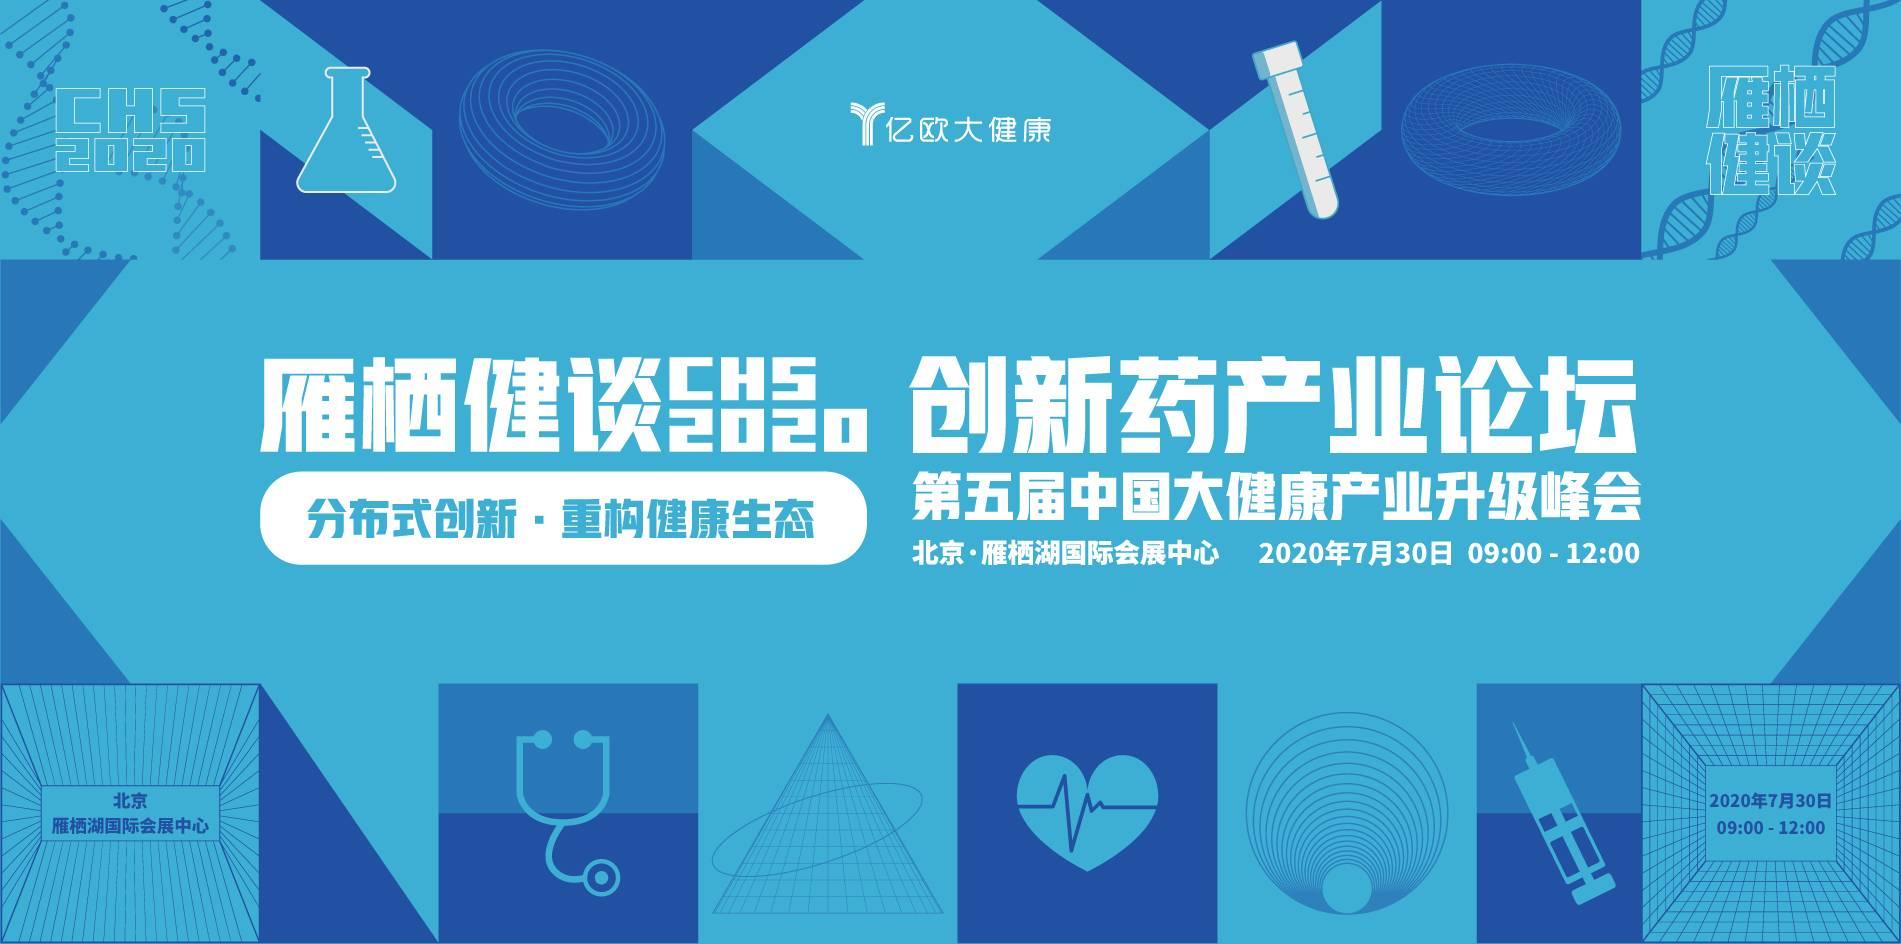 【活动】创新药产业论坛-亿欧